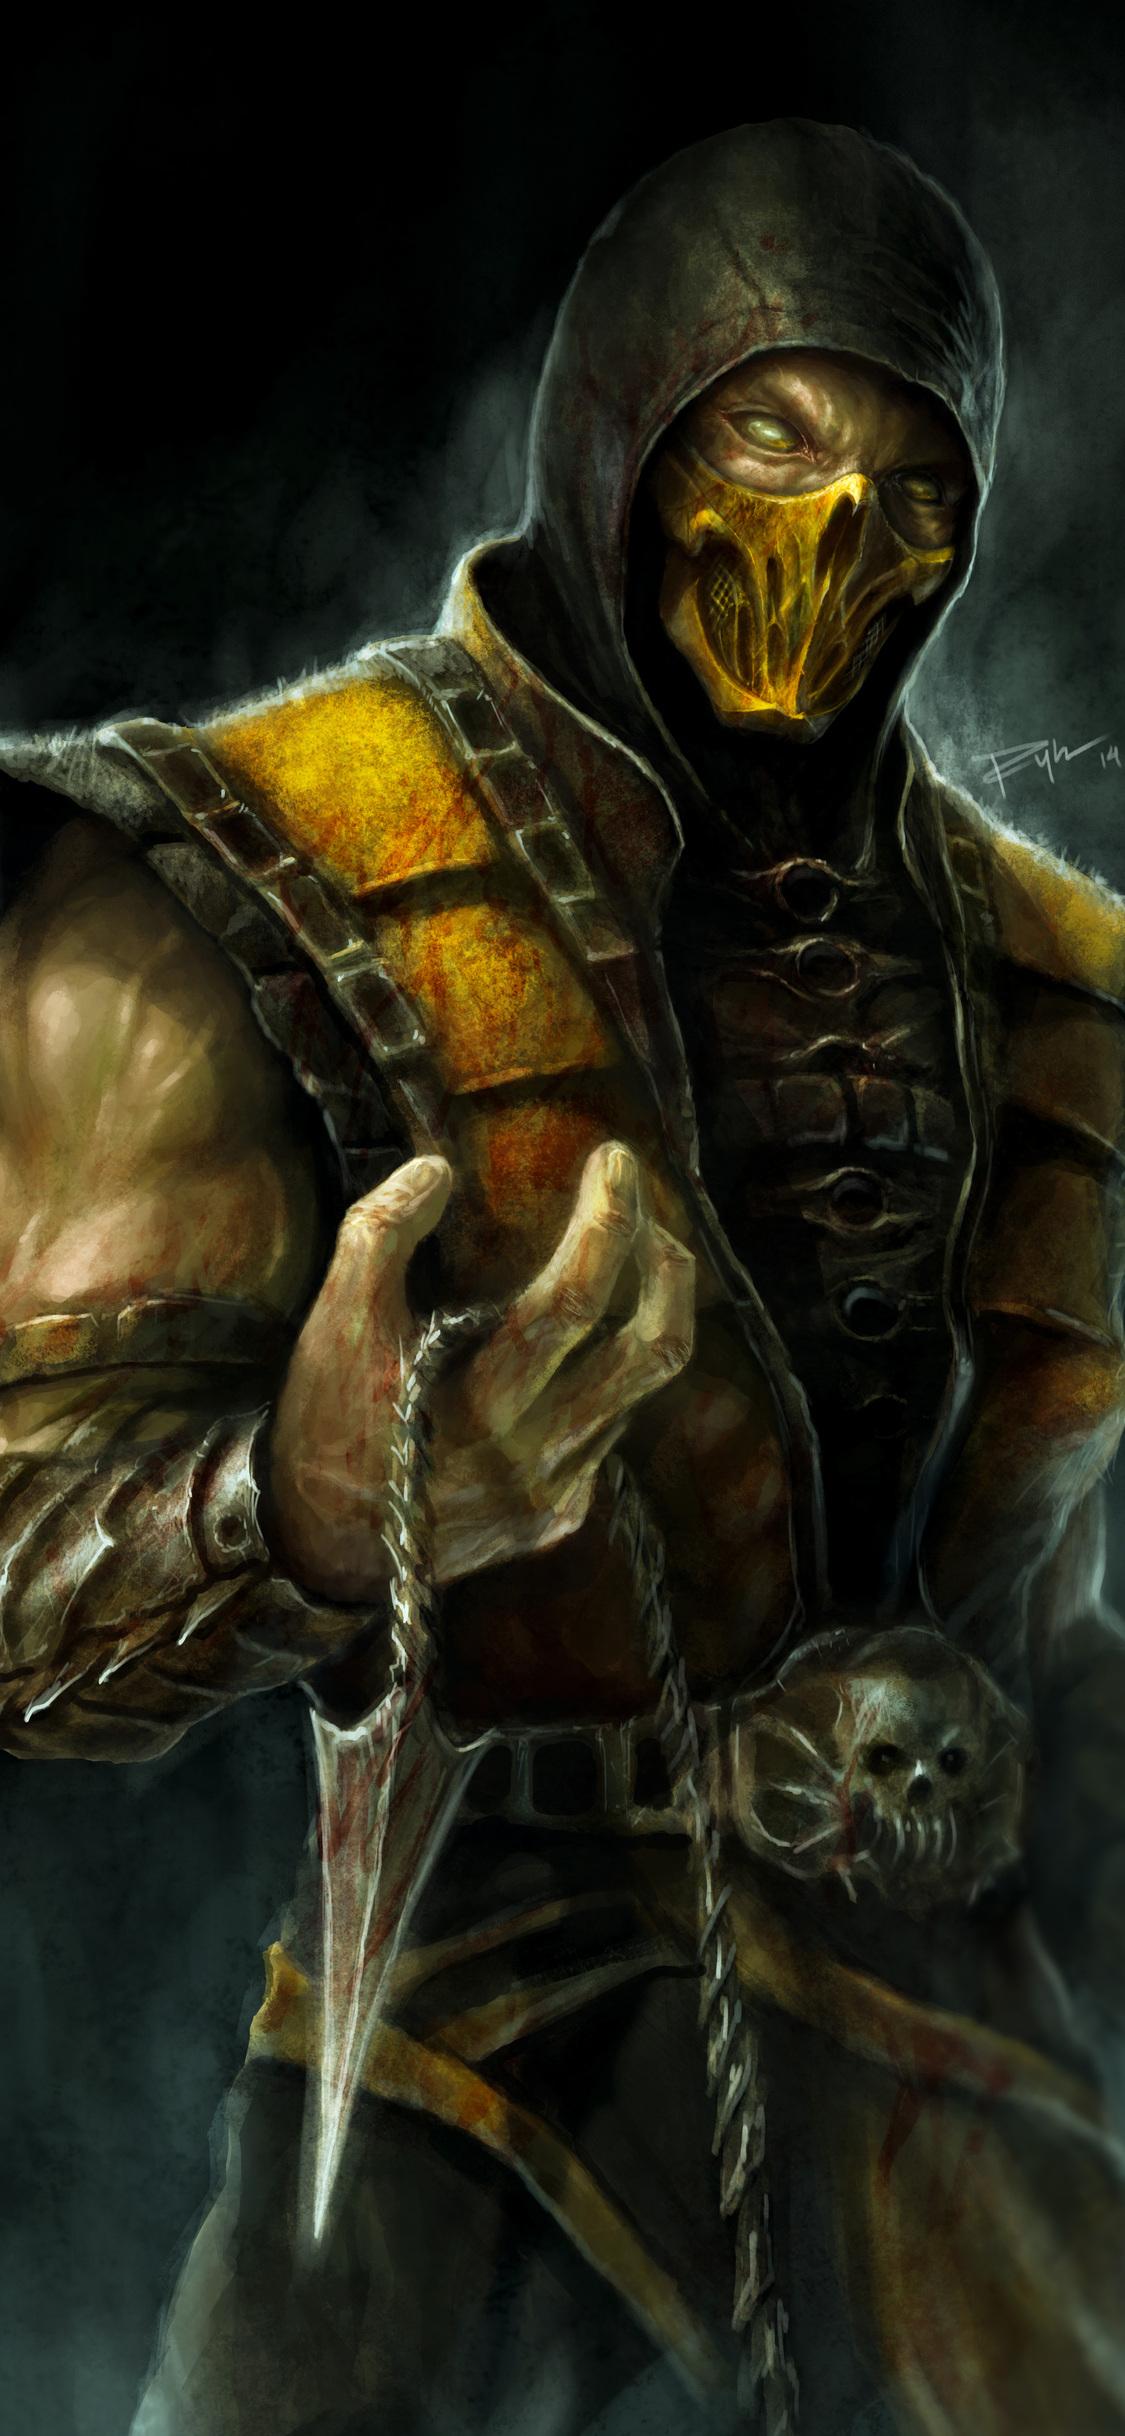 Scorpion Mortal Kombat X Wallpaper Wallpapershit